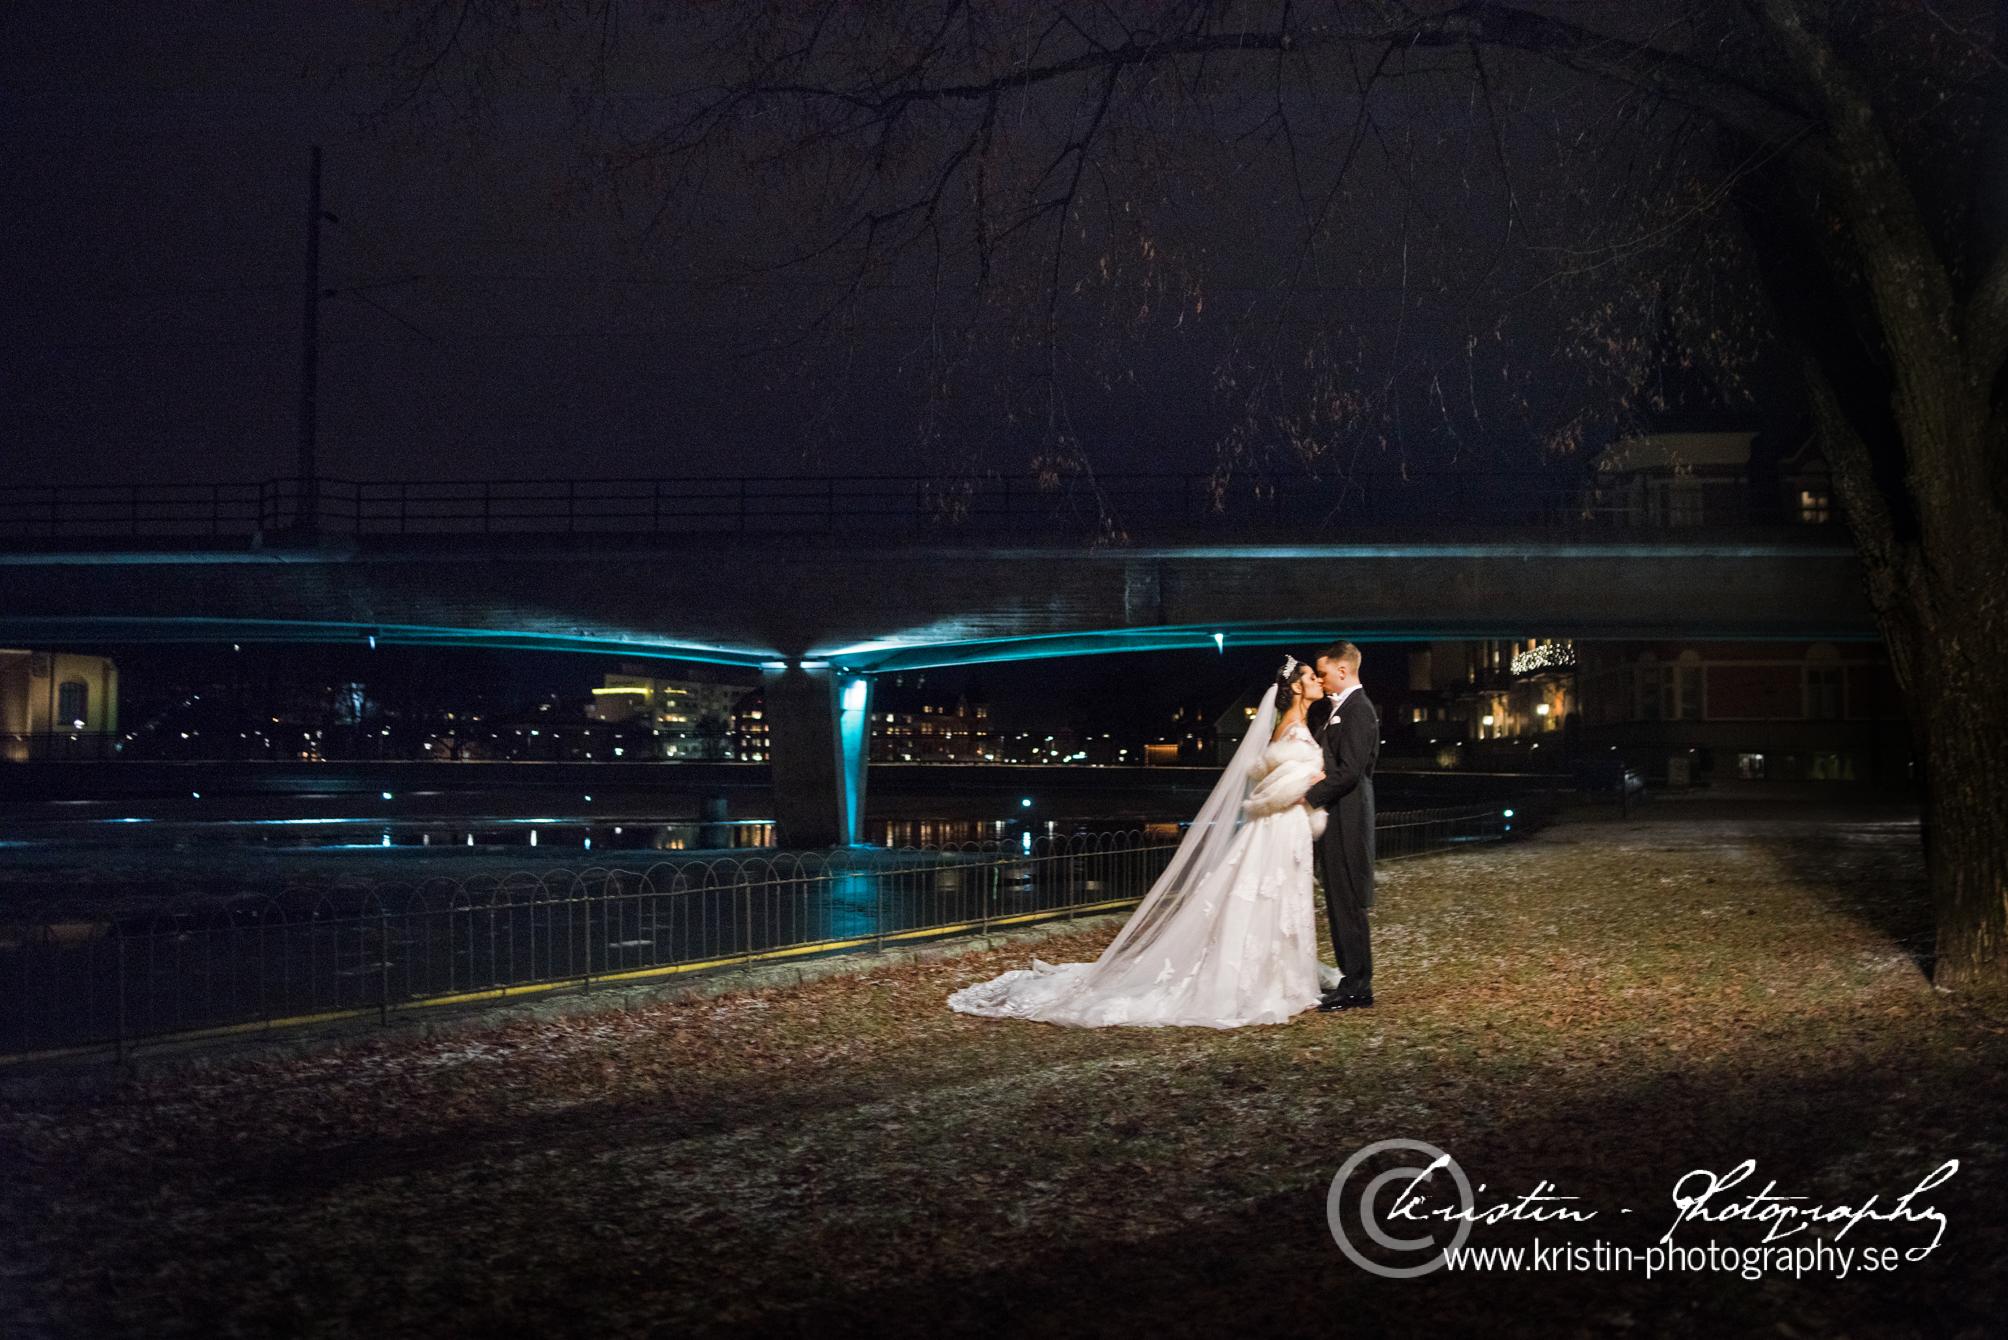 Bröllopsfotograf i Eskilstuna, Kristin - Photography-261.jpg